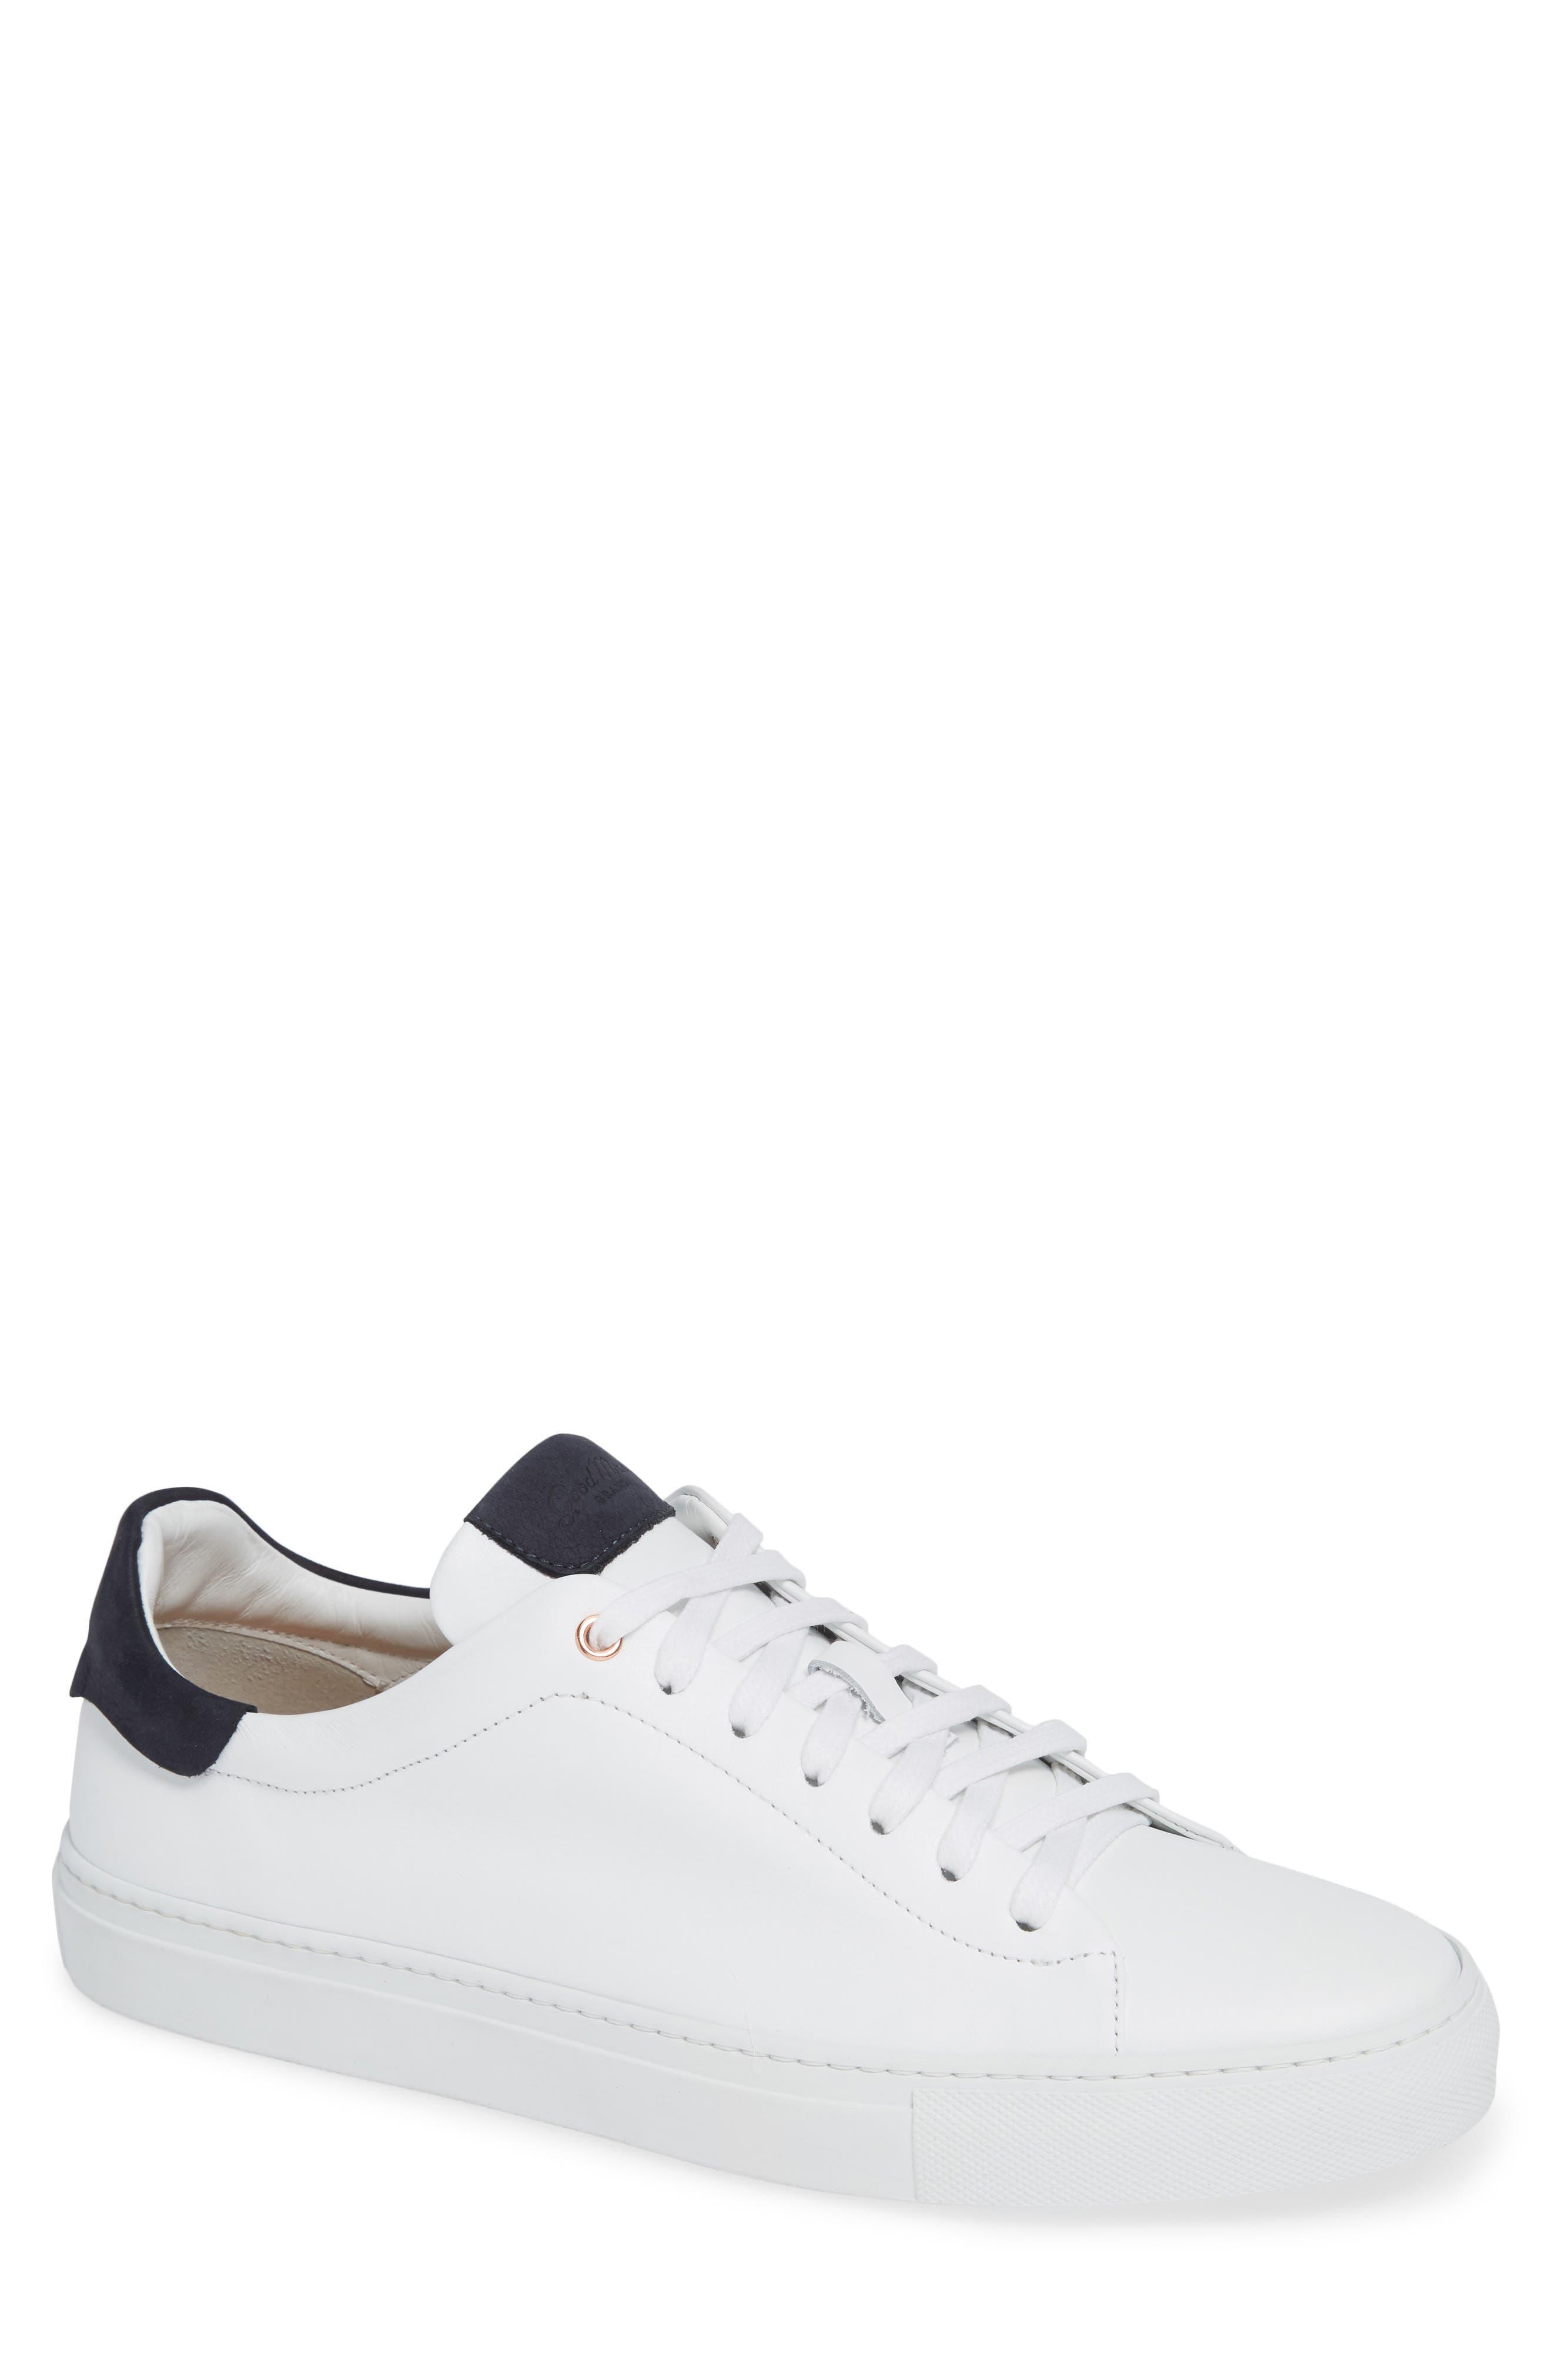 Legend Low Top Sneaker,                             Main thumbnail 1, color,                             113